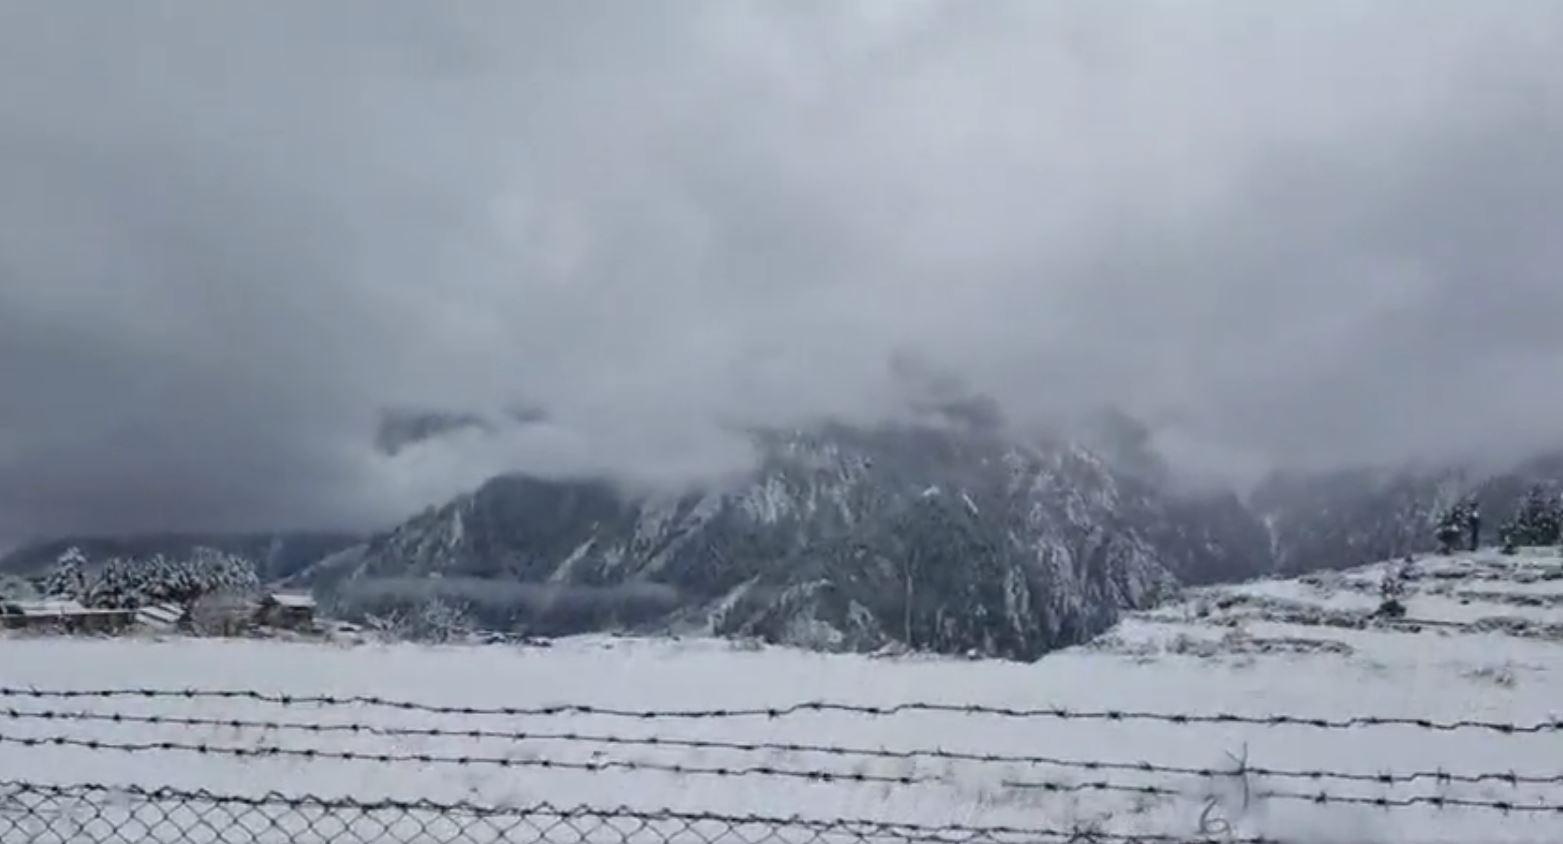 हुम्लाको सदरमुकाम सिमिकोट हिमपातले सेताम्ये (फोटोफिचर)